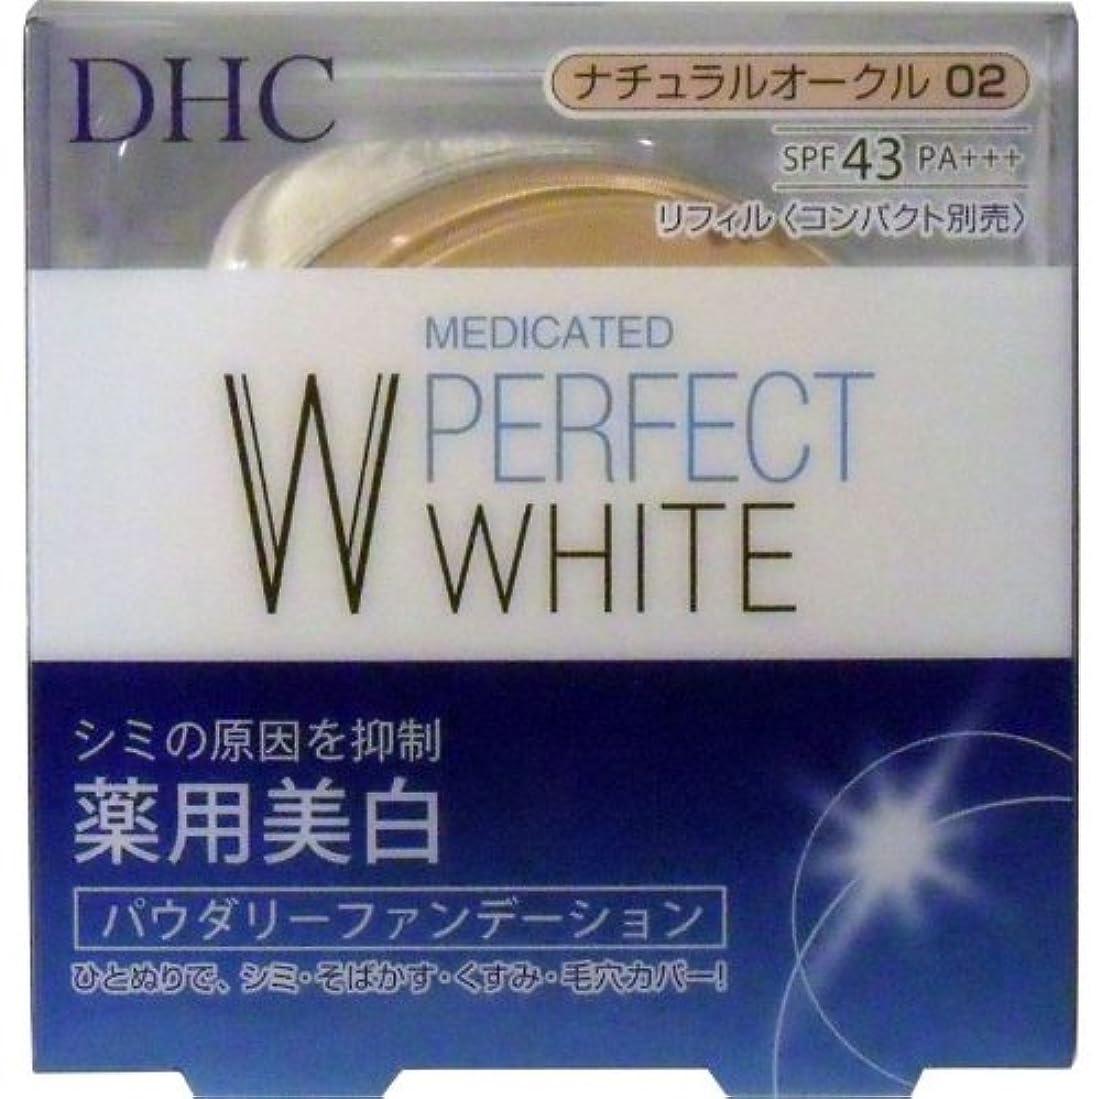 比類のないスケート出力つけたての美しい透明感がずっと持続!DHC 薬用美白パーフェクトホワイト パウダリーファンデーション ナチュラルオークル02 10g